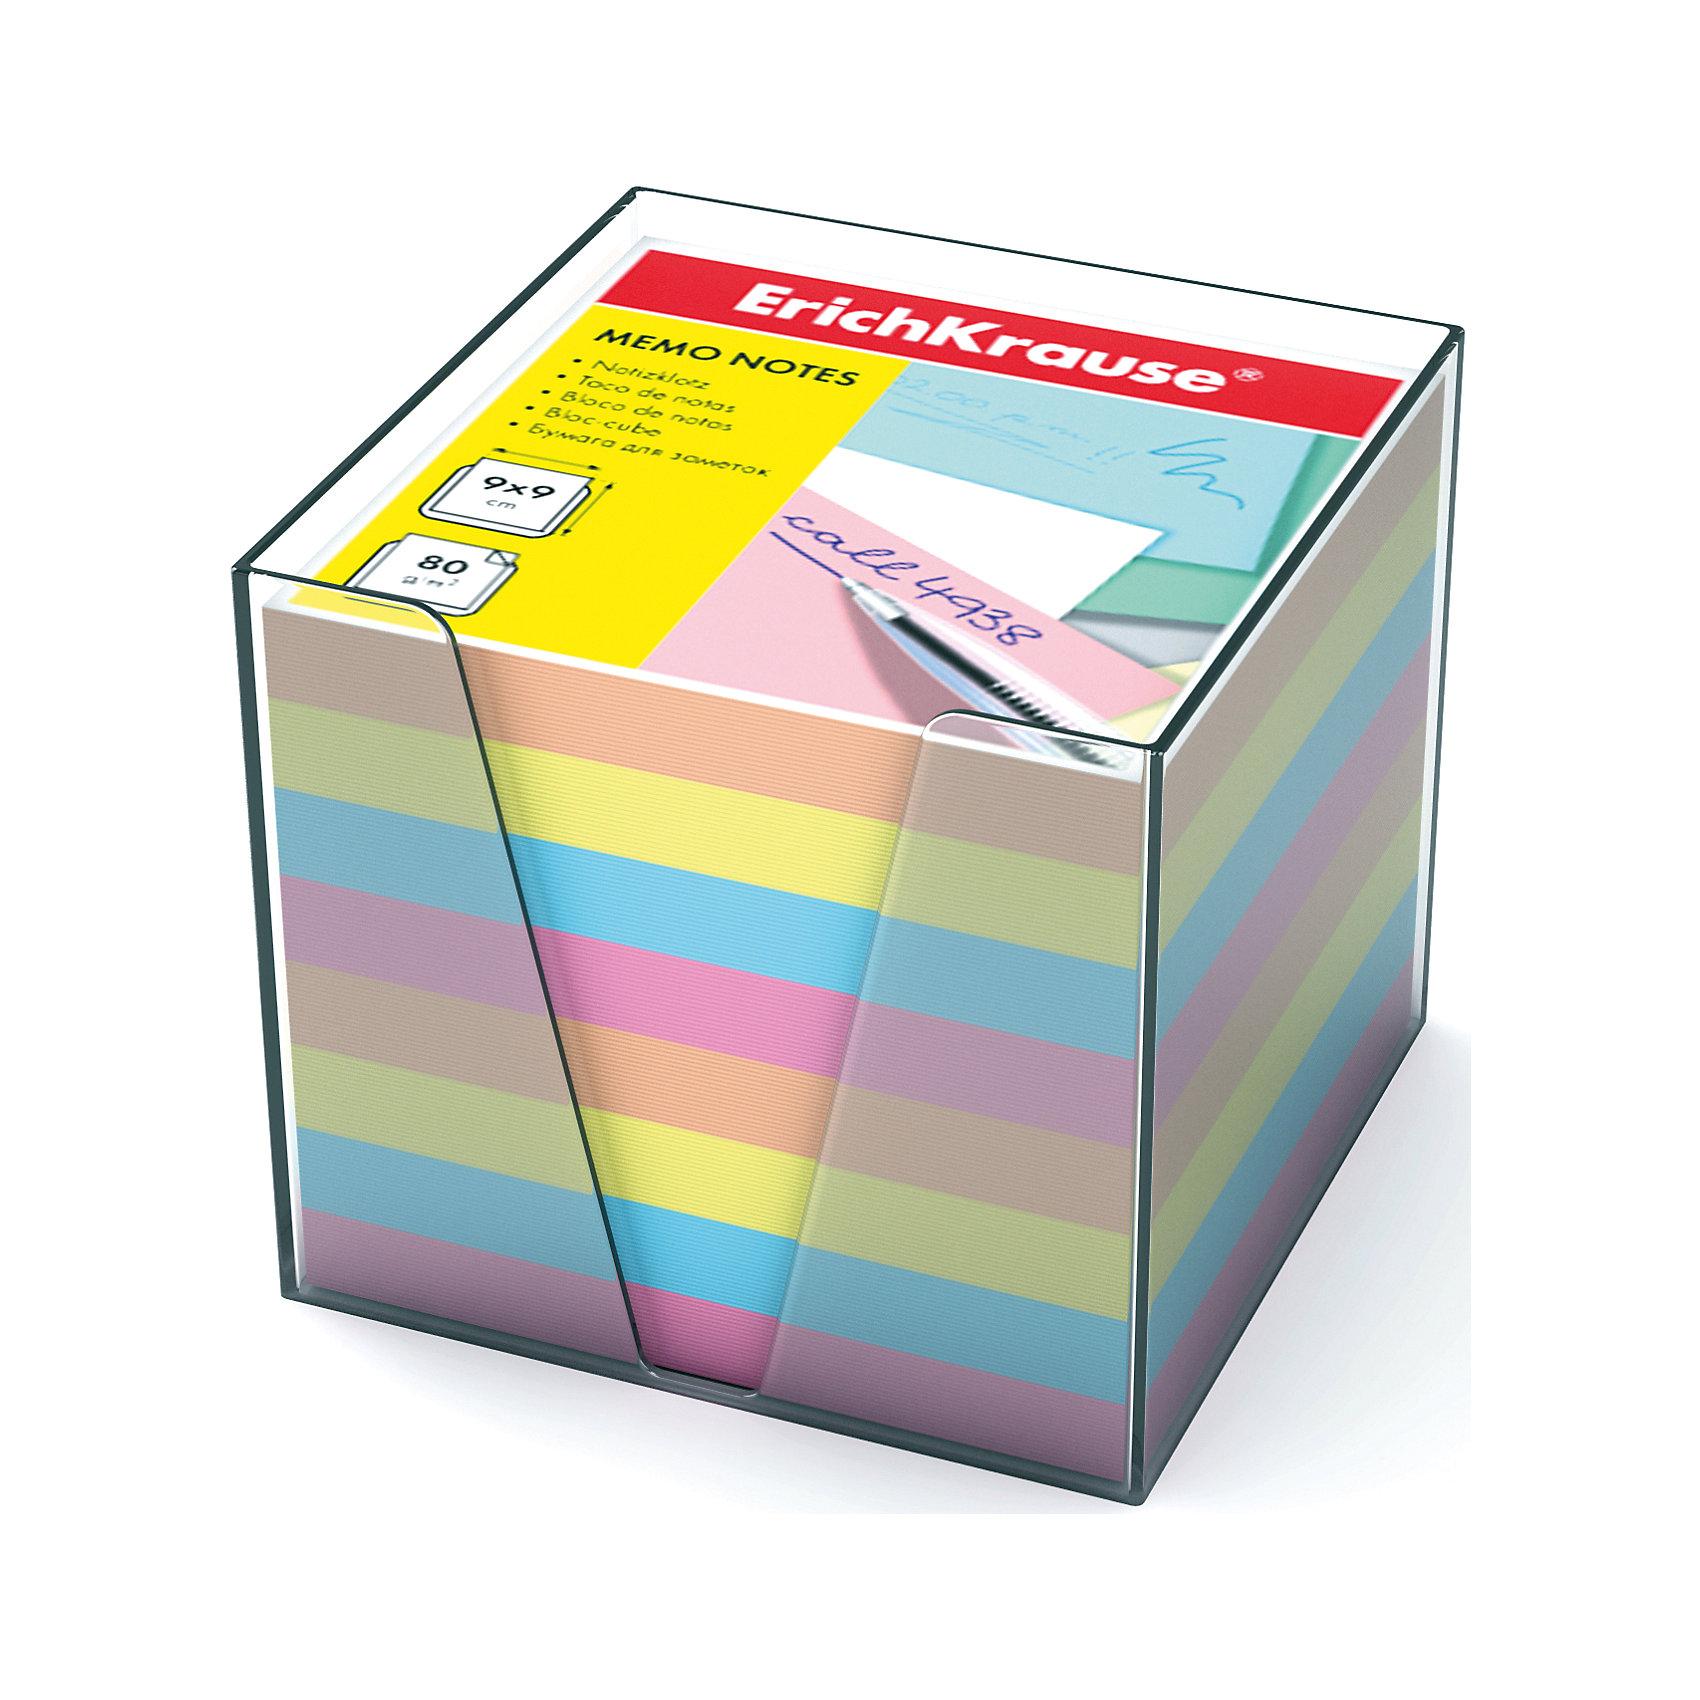 Erich Krause Бумага настольная 90*90*90 мм в пластиковом контейнереБумажная продукция<br>Бумага в пластиковой подставке – незаменимая вещь, которая помогает организовать пространство на Вашем рабочем столе. Лаконичный дизайн и удобство в использовании сделает бумагу для заметок Erich Krause Вашим надёжным помощником.<br><br>Ширина мм: 90<br>Глубина мм: 90<br>Высота мм: 90<br>Вес г: 650<br>Возраст от месяцев: 144<br>Возраст до месяцев: 2147483647<br>Пол: Унисекс<br>Возраст: Детский<br>SKU: 6878808